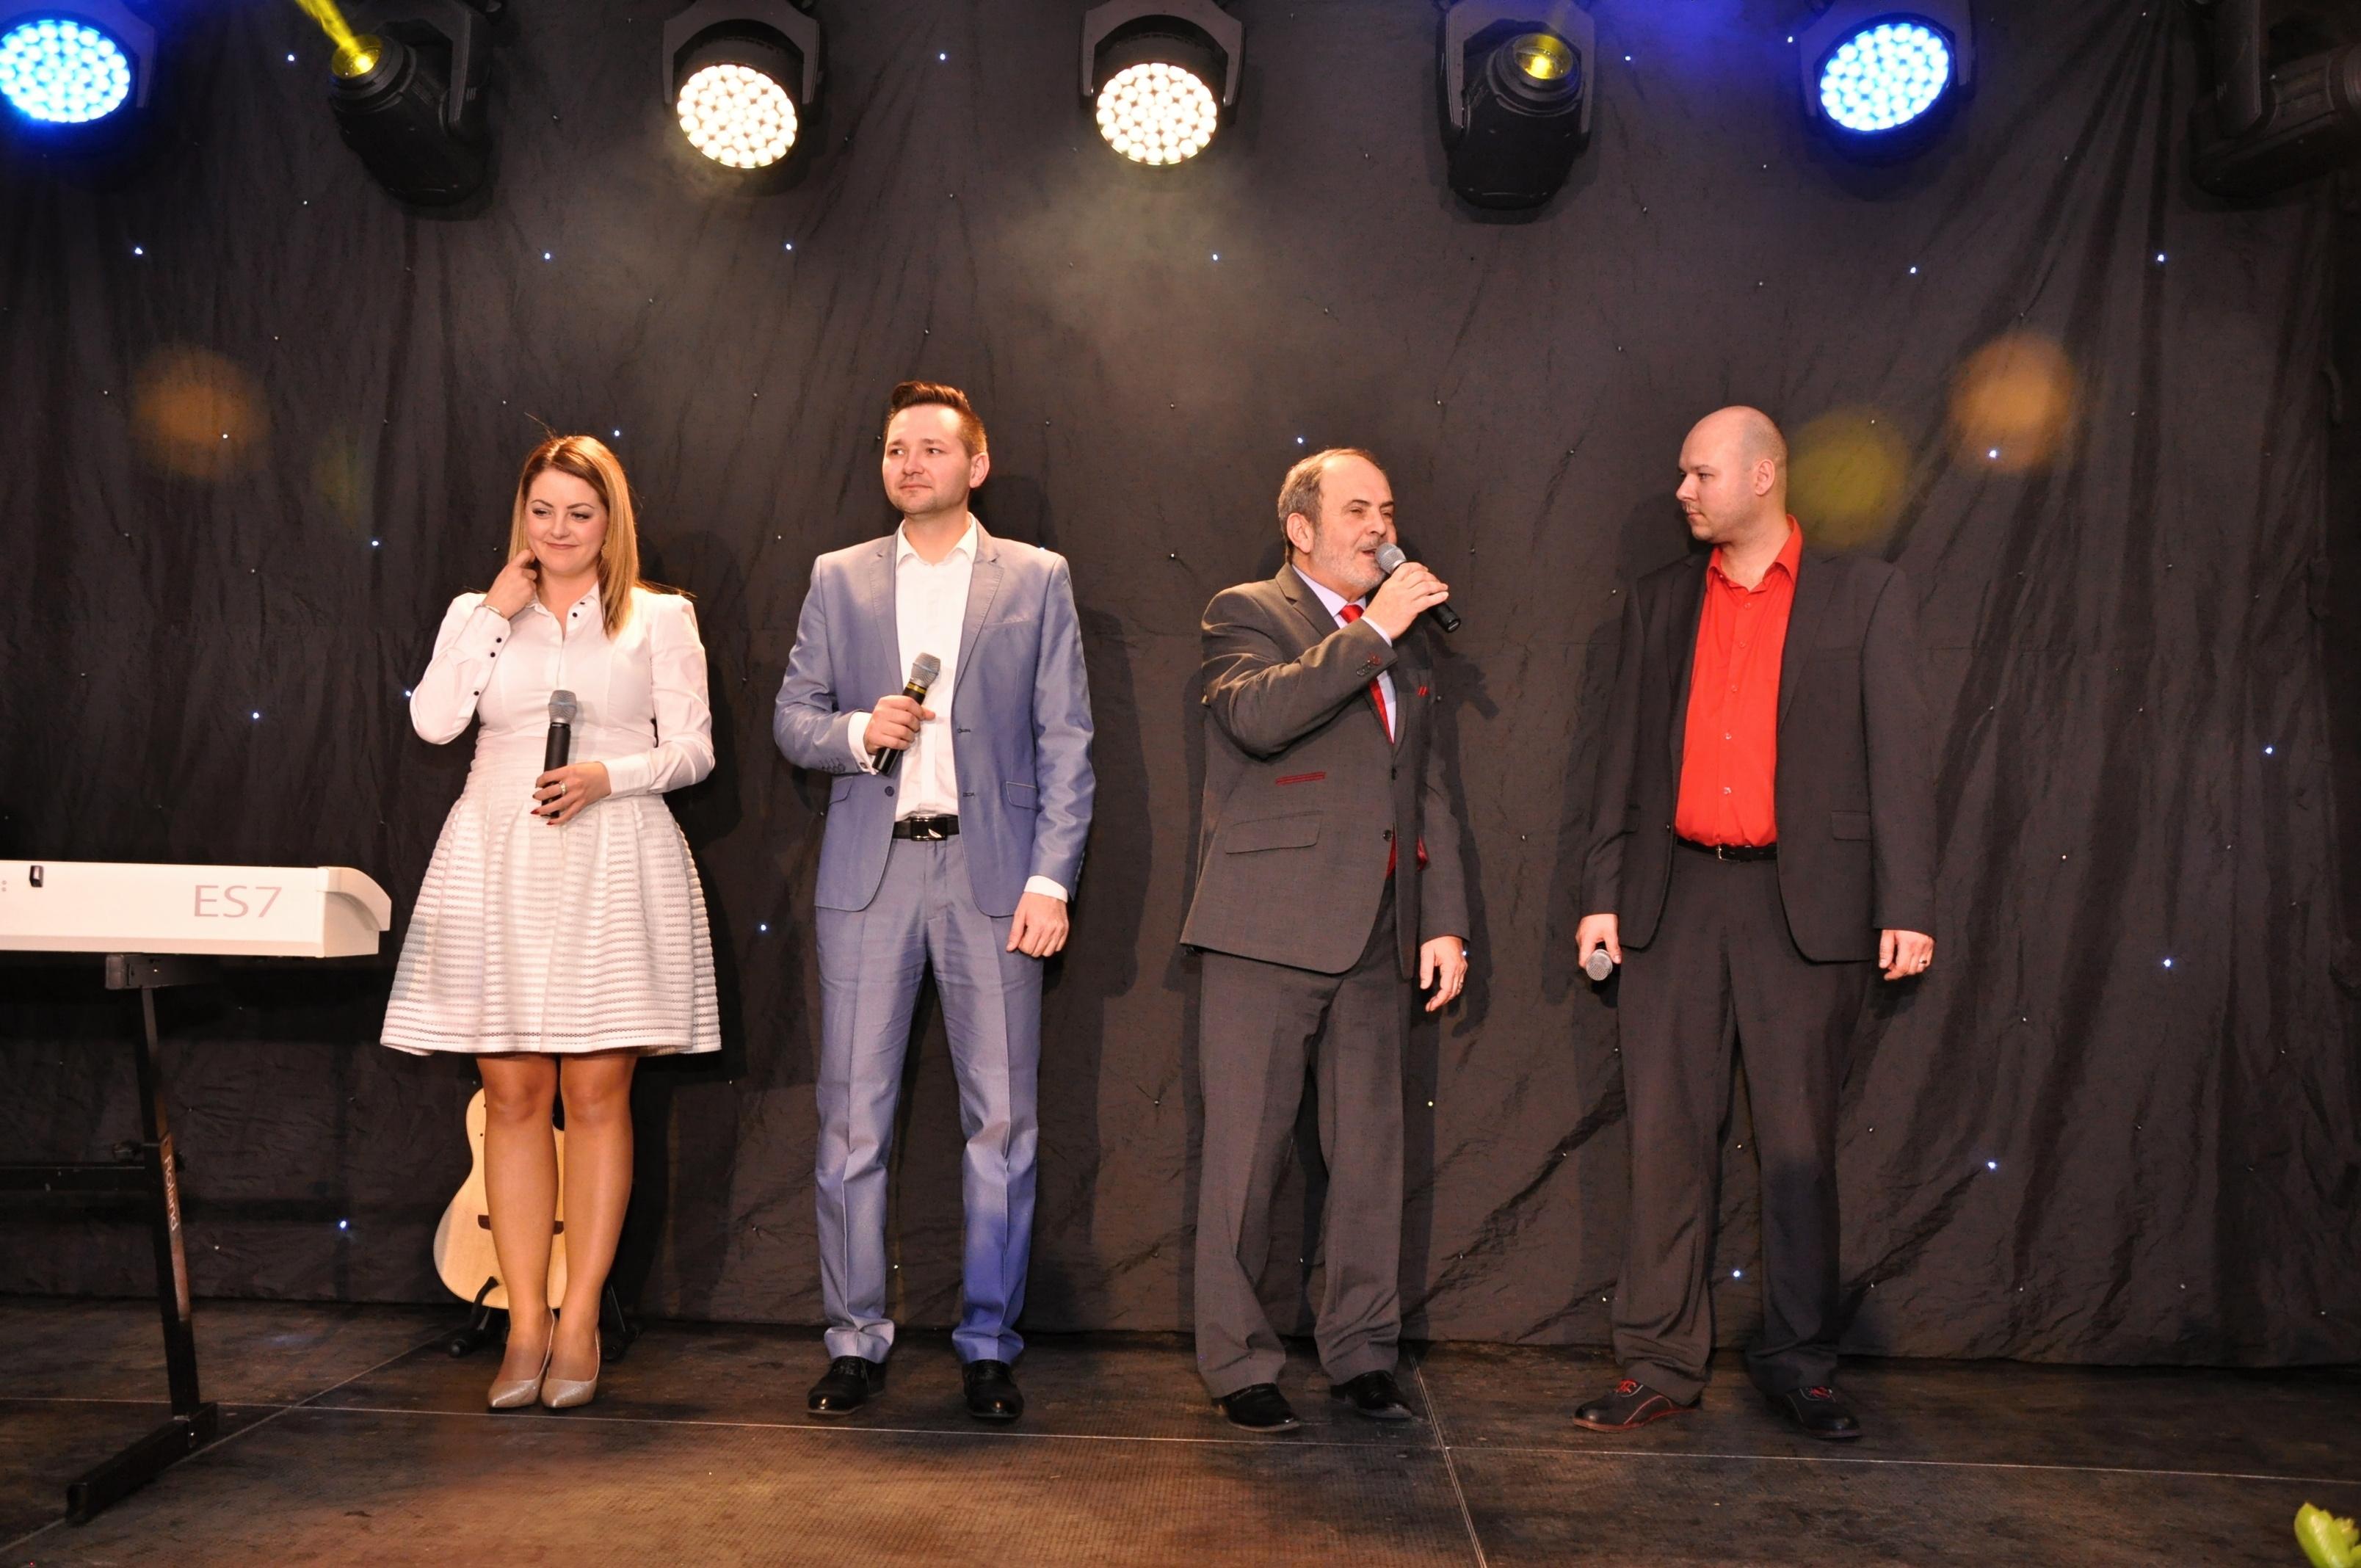 Petr_Průša_Photo516